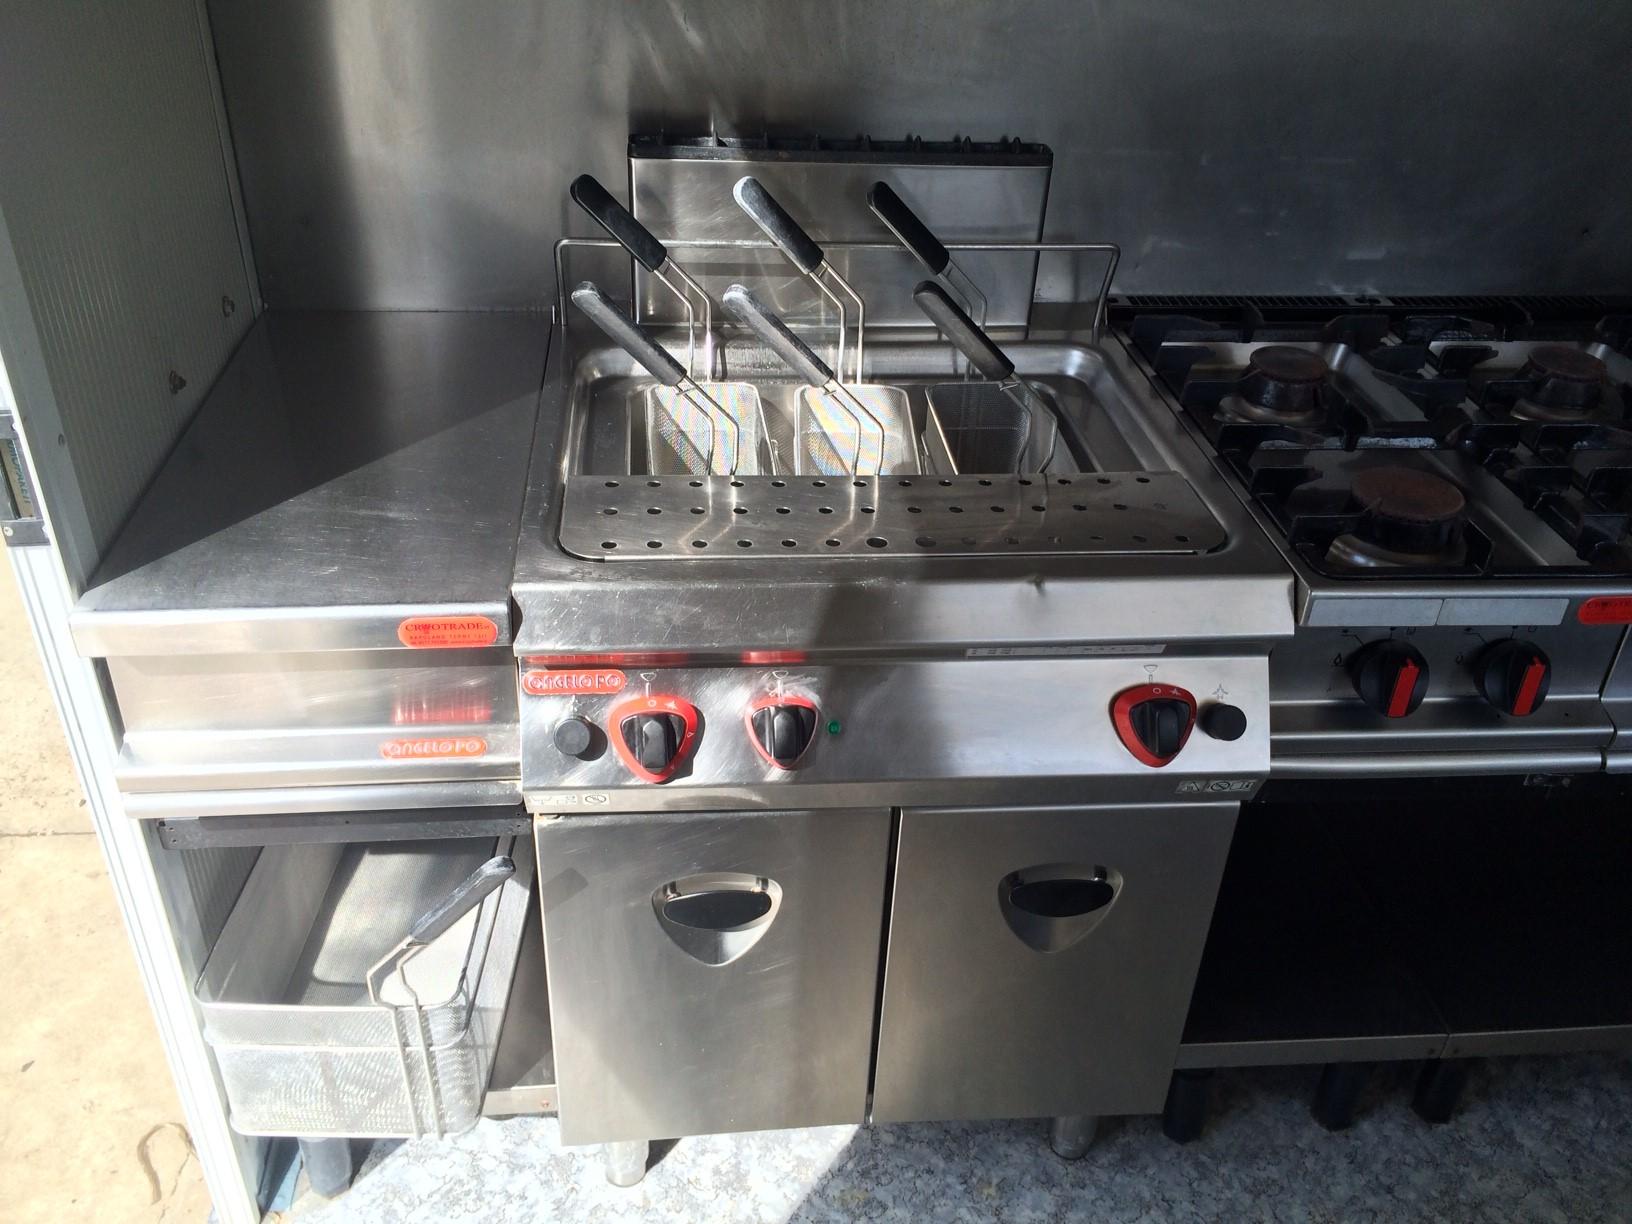 Cucine Per Ristorazione Usate.Noleggio Cucina Attrezzata Cryo Trade